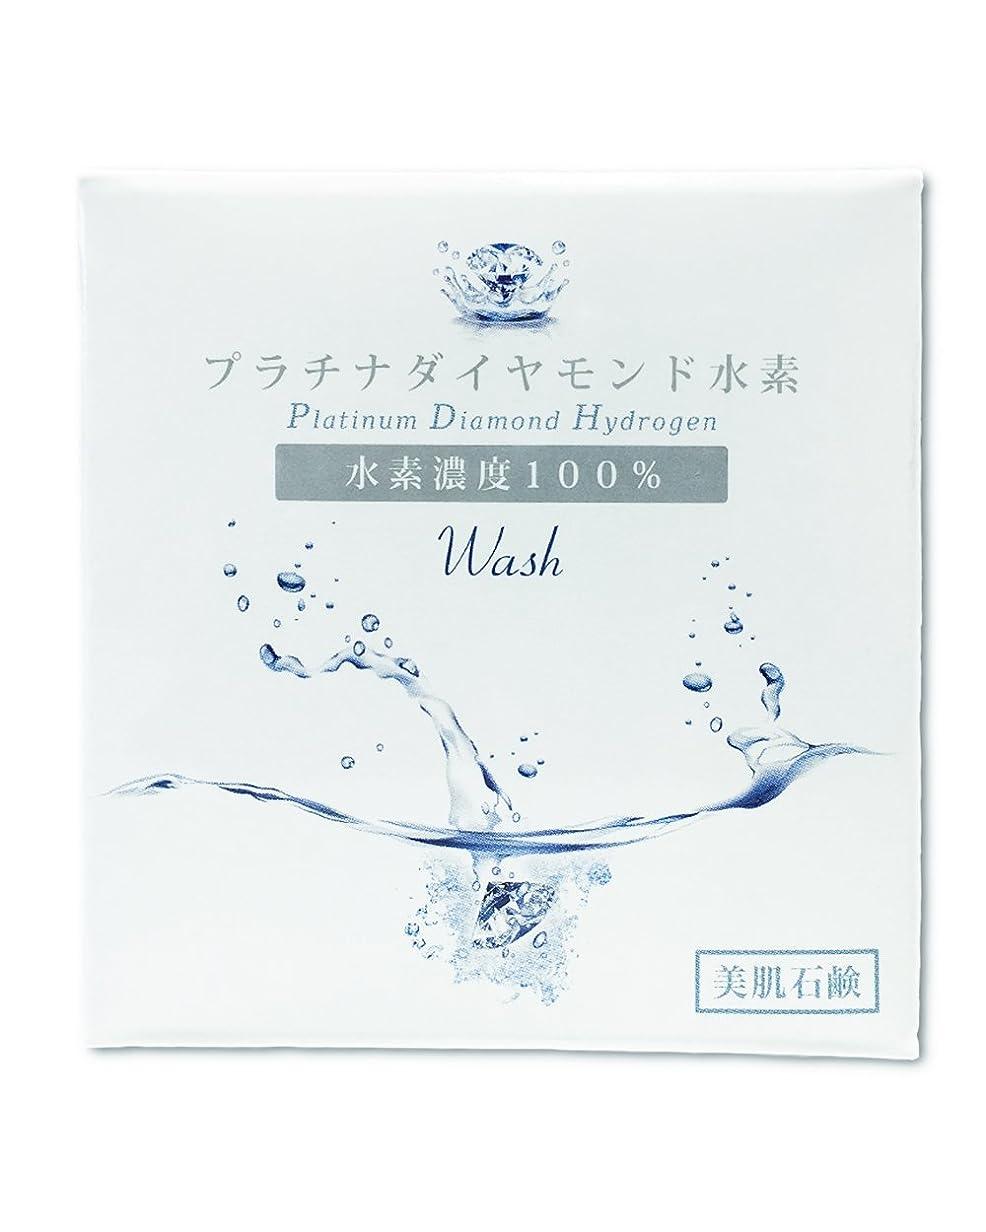 縫うペイントゴルフ水素石鹸 プラチナダイヤモンド水素Wash